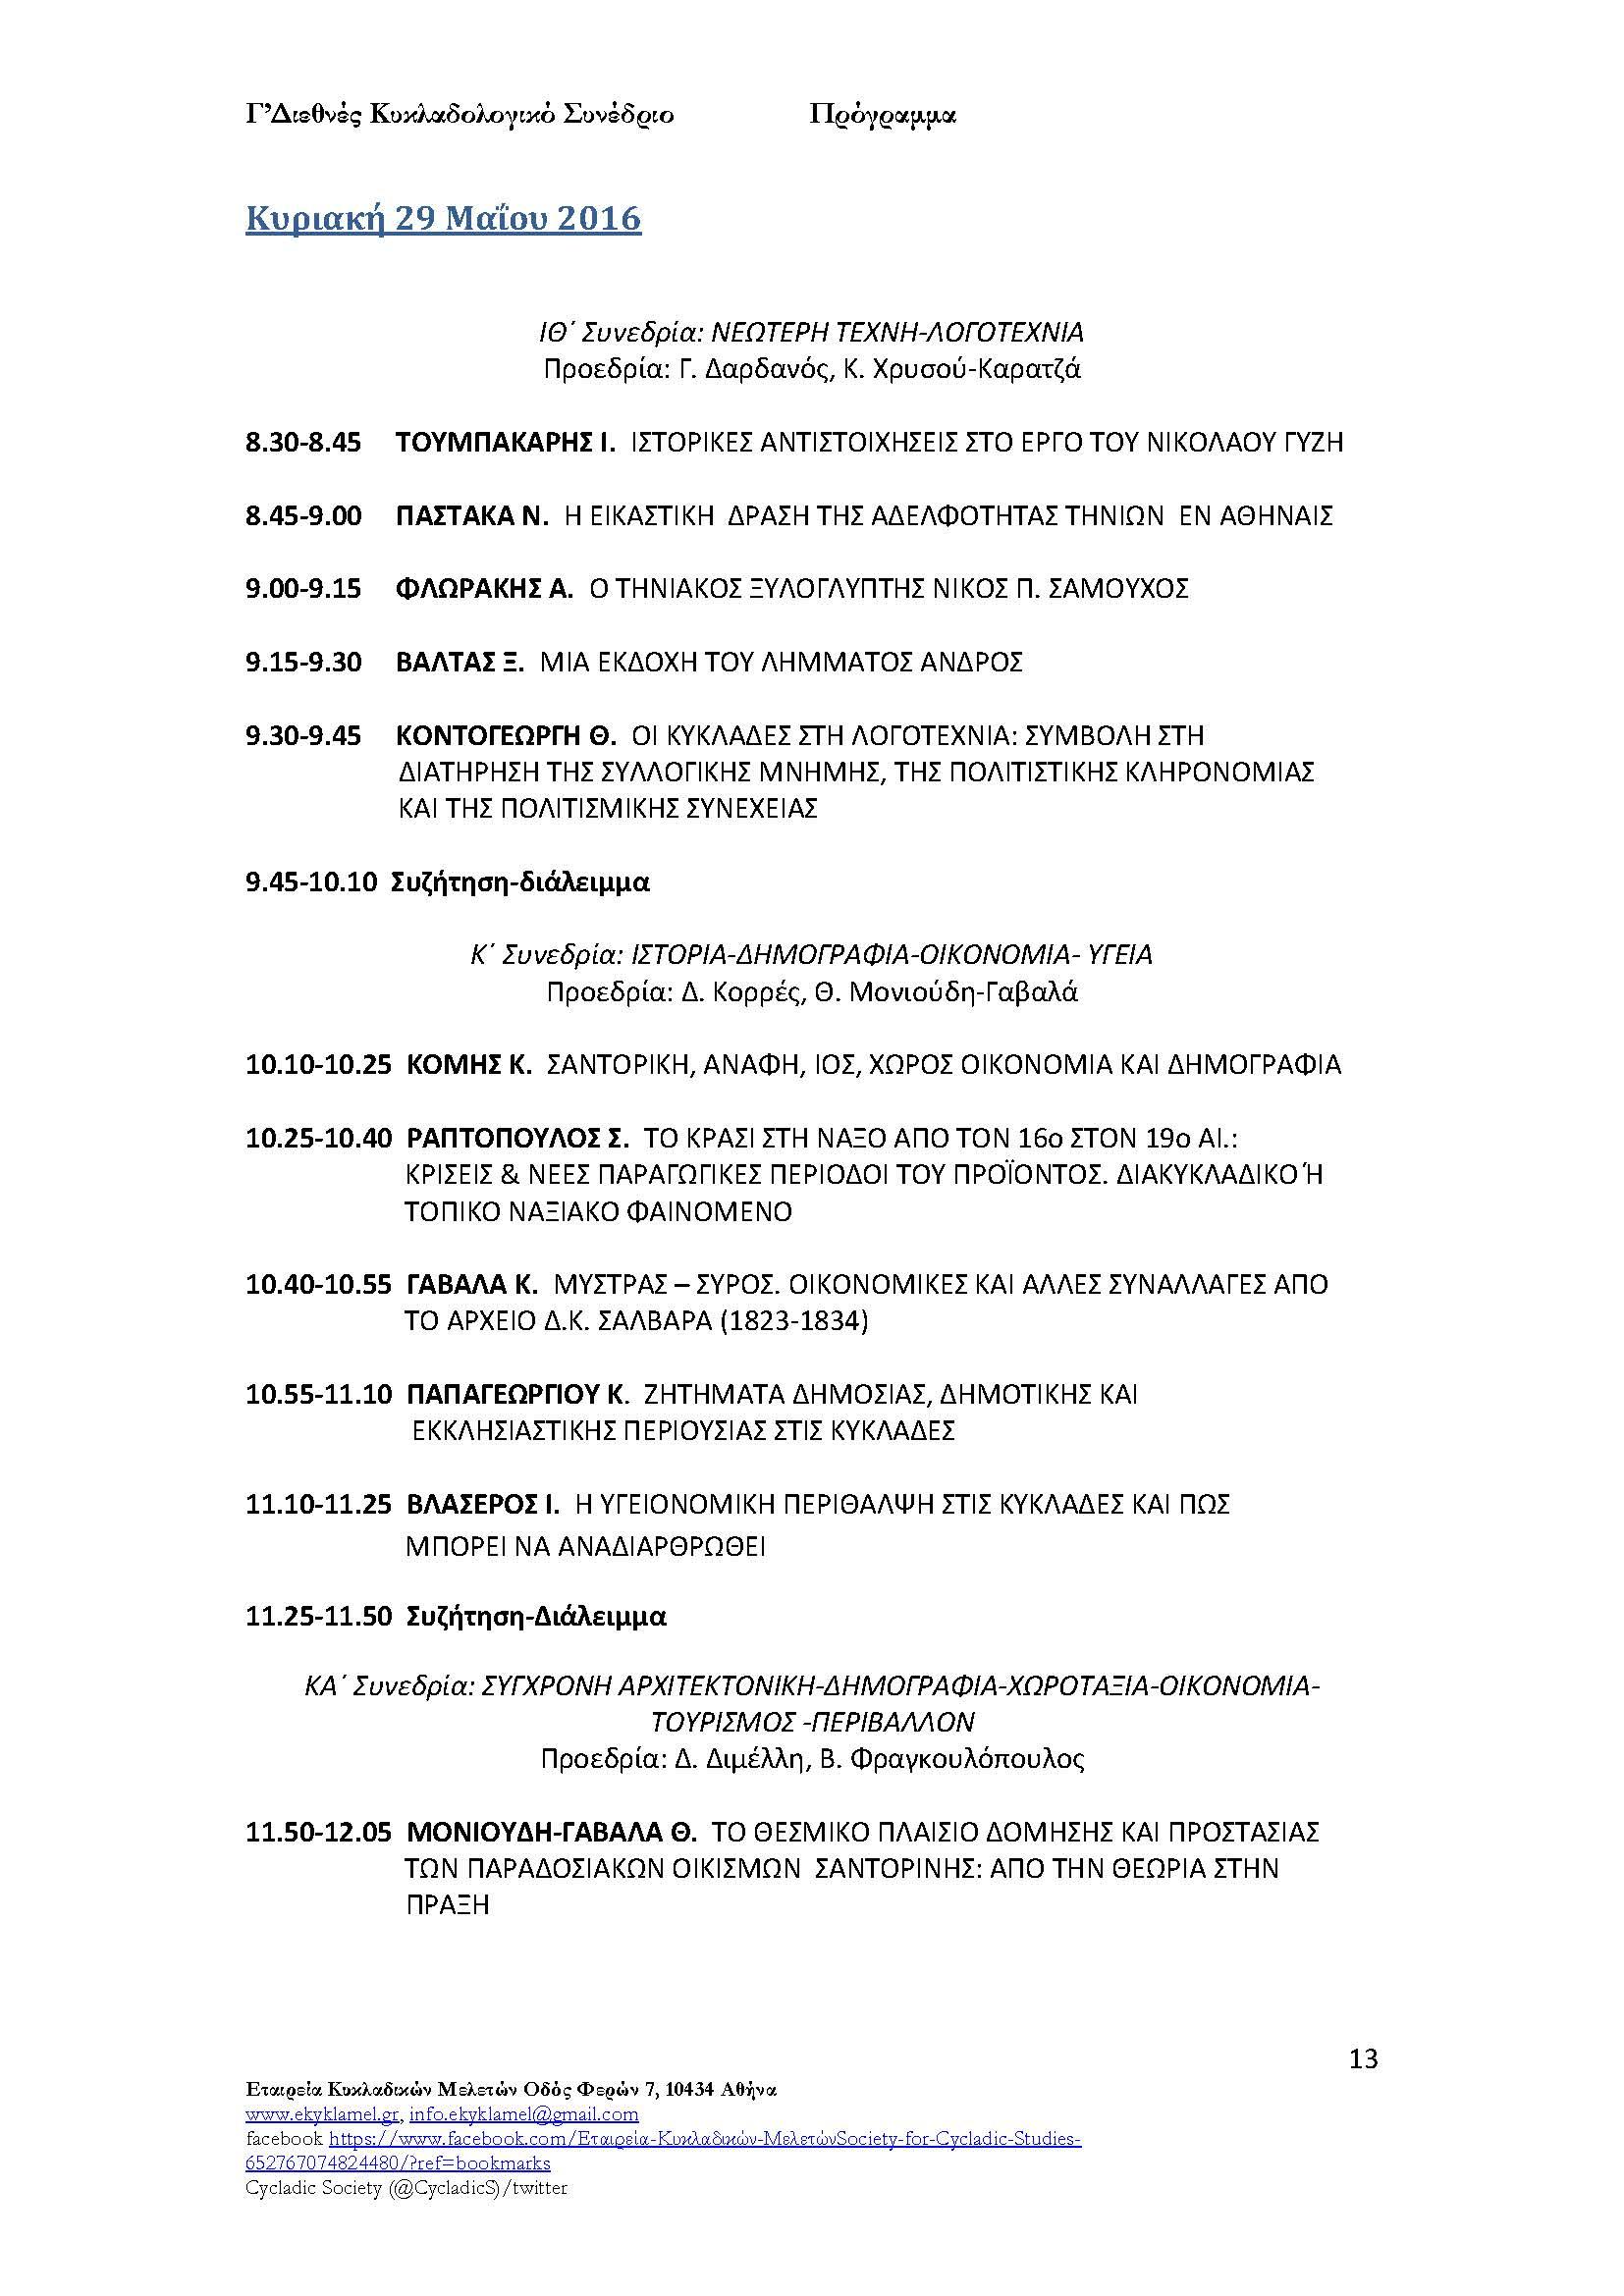 πρόγραμμα Γ' Κυκλαδολογικού Συνεδρίου (1)_Page_13